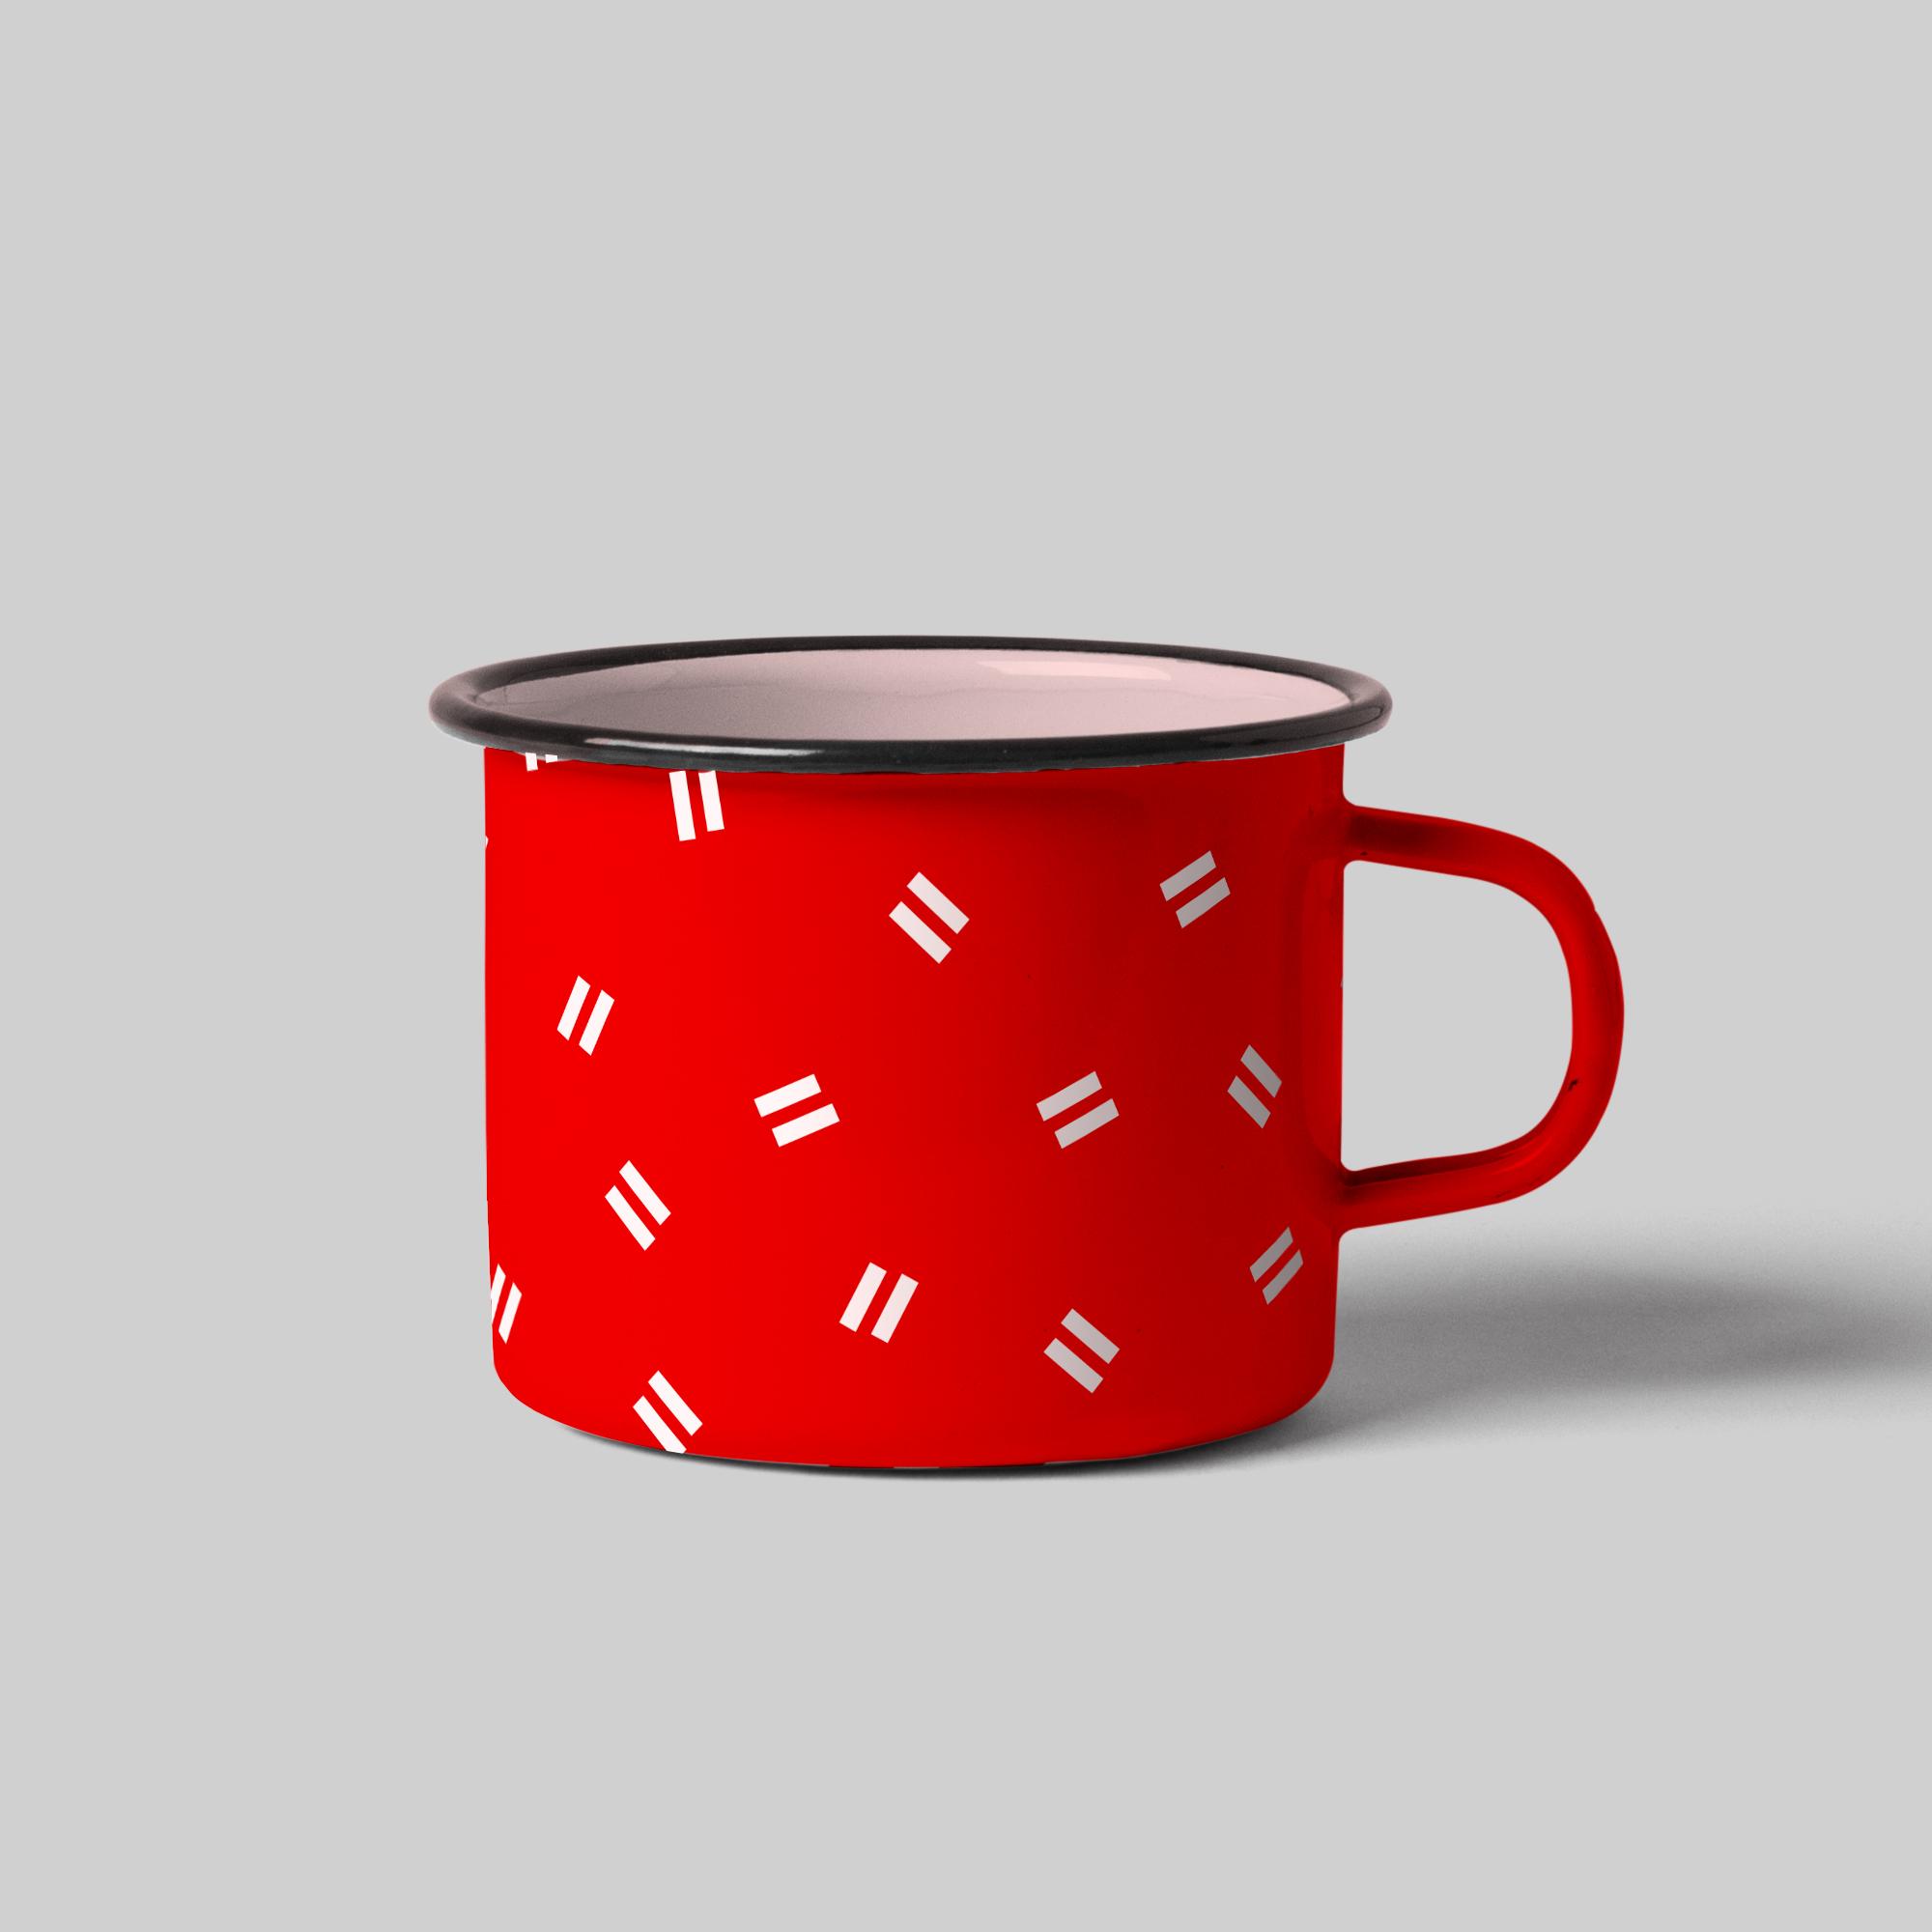 mug-3.jpg